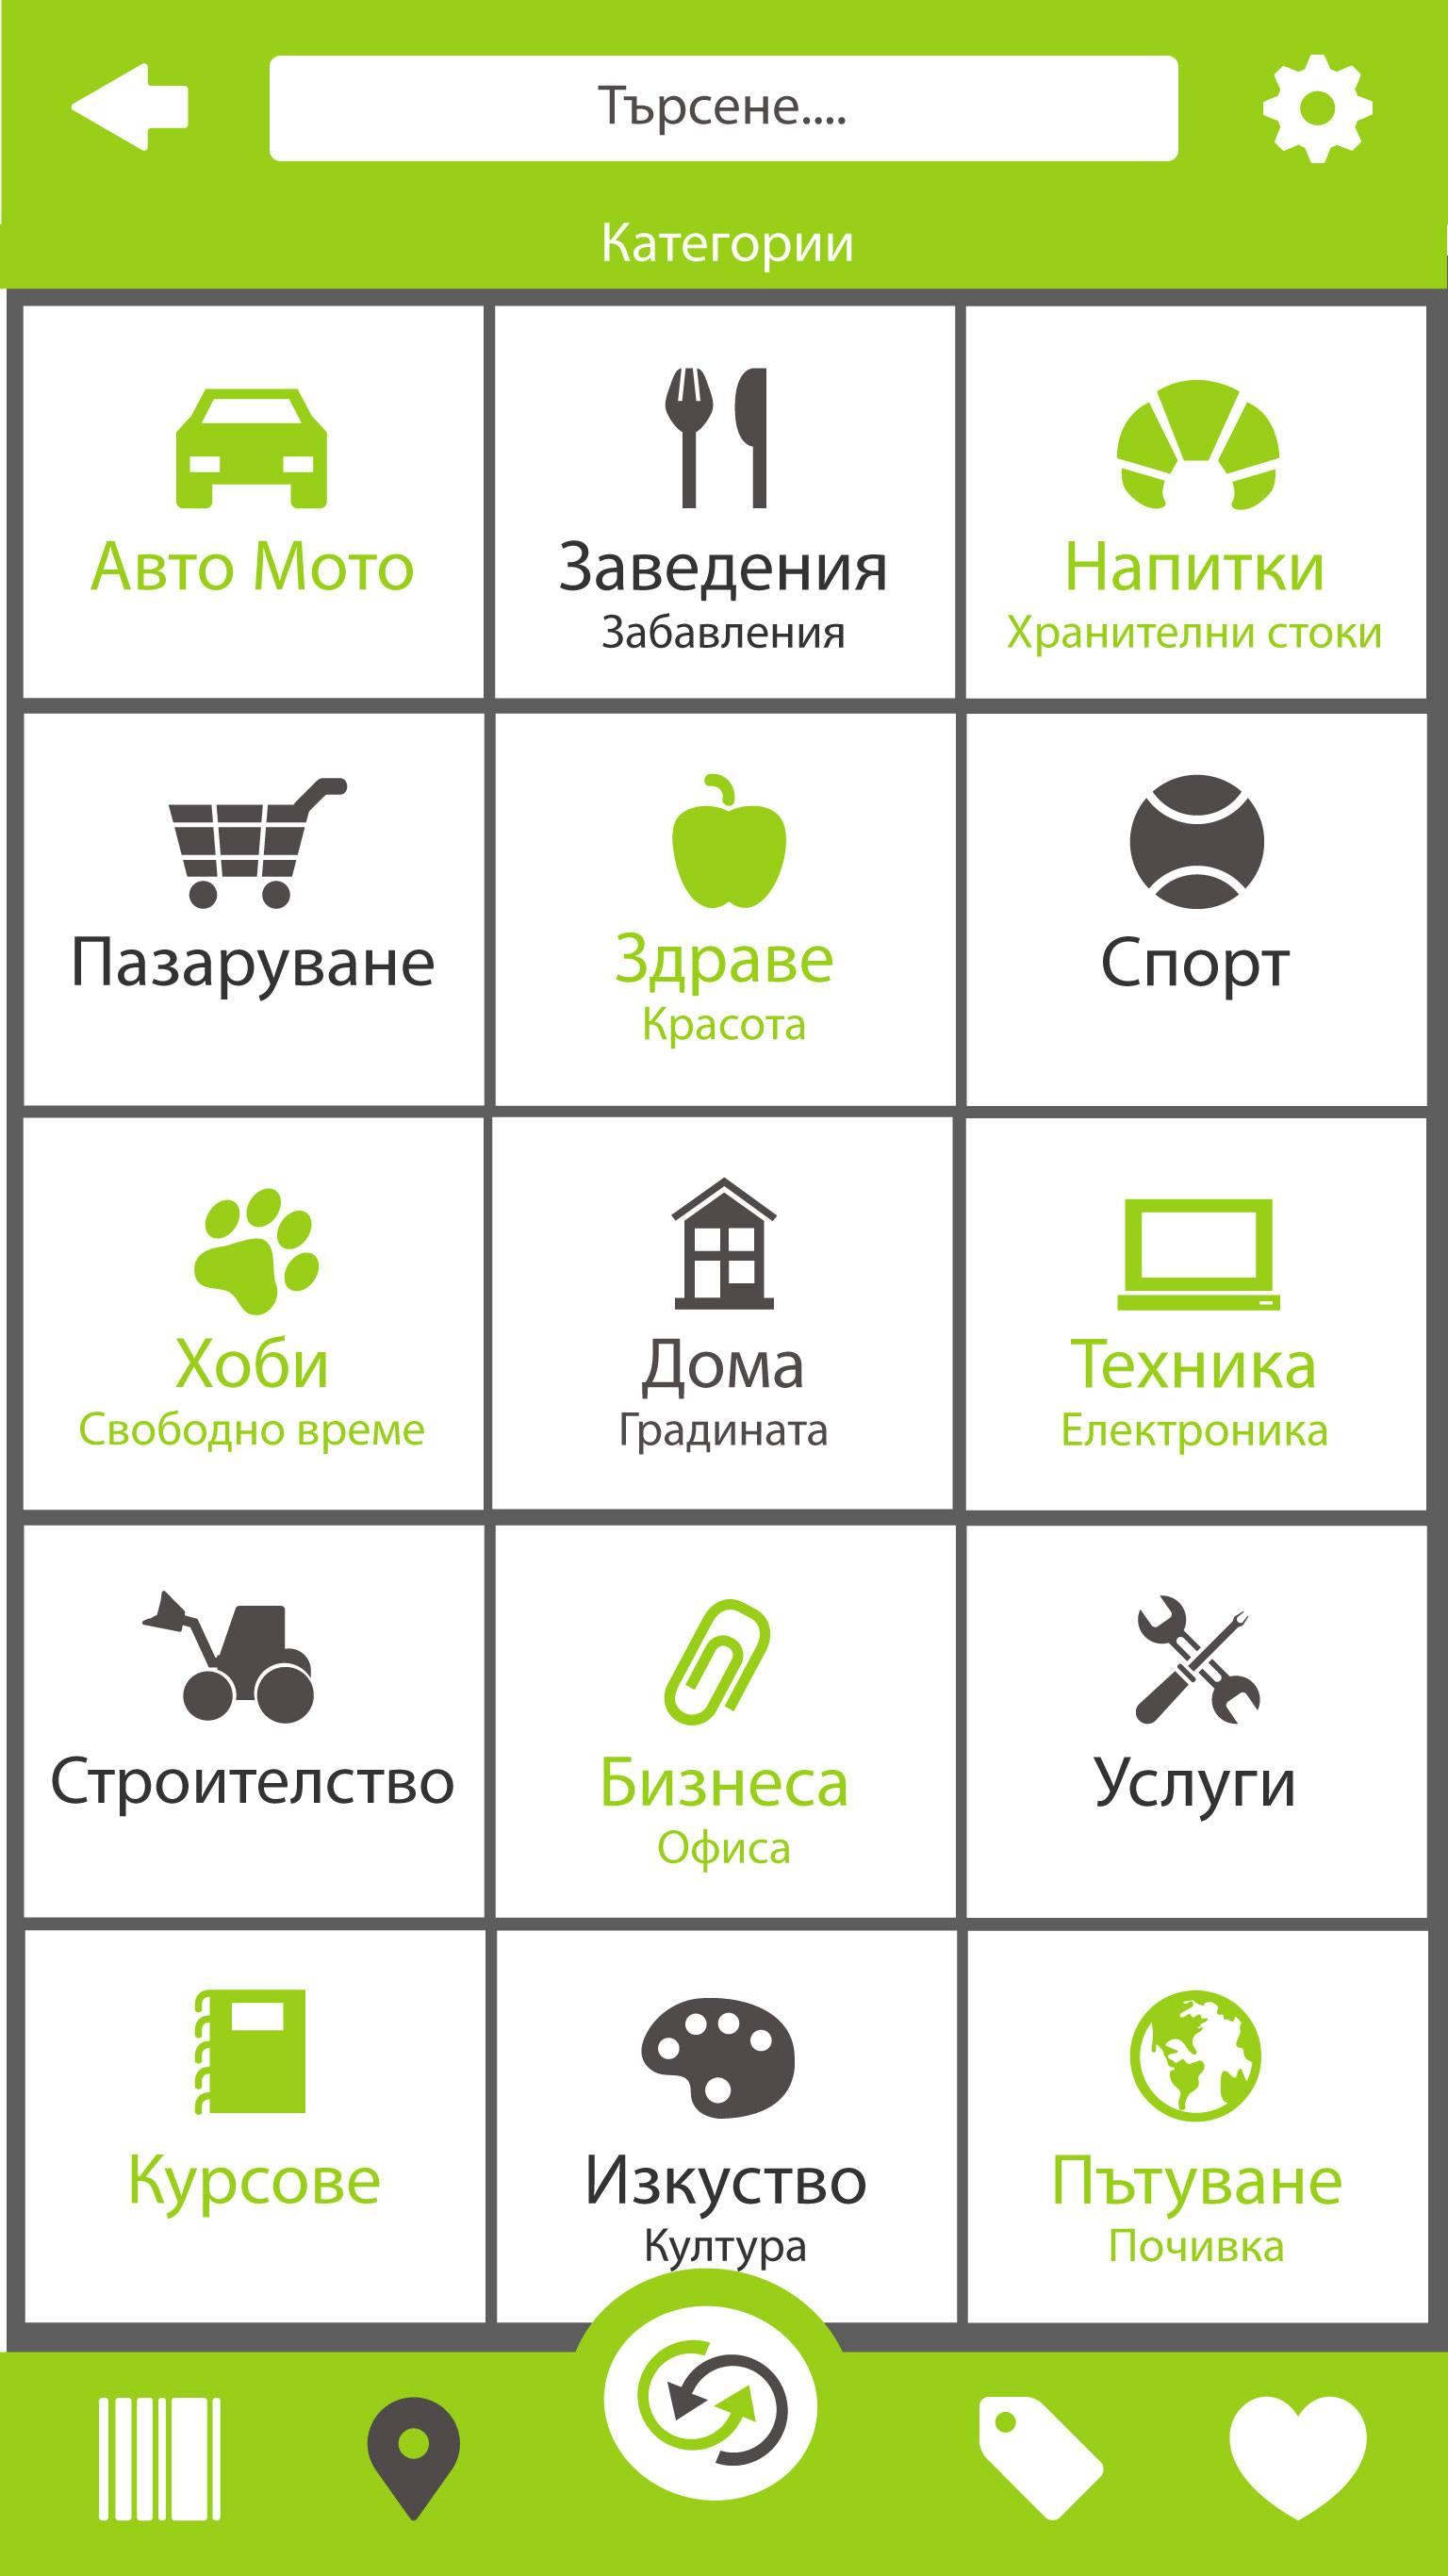 Categories-3